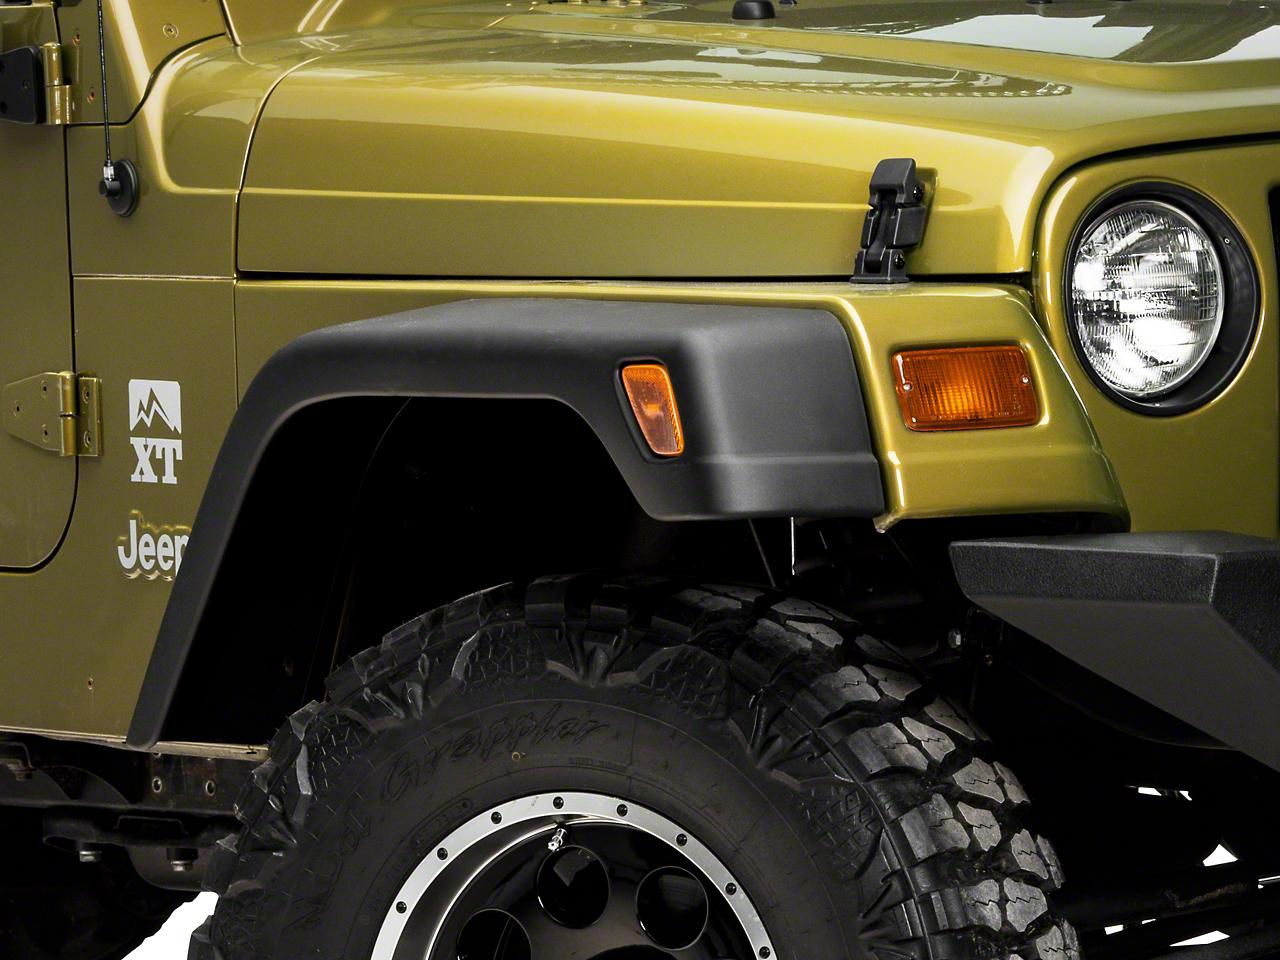 RedRock 4x4 7 in. Fender Flare Kit (97-06 Jeep Wrangler TJ)